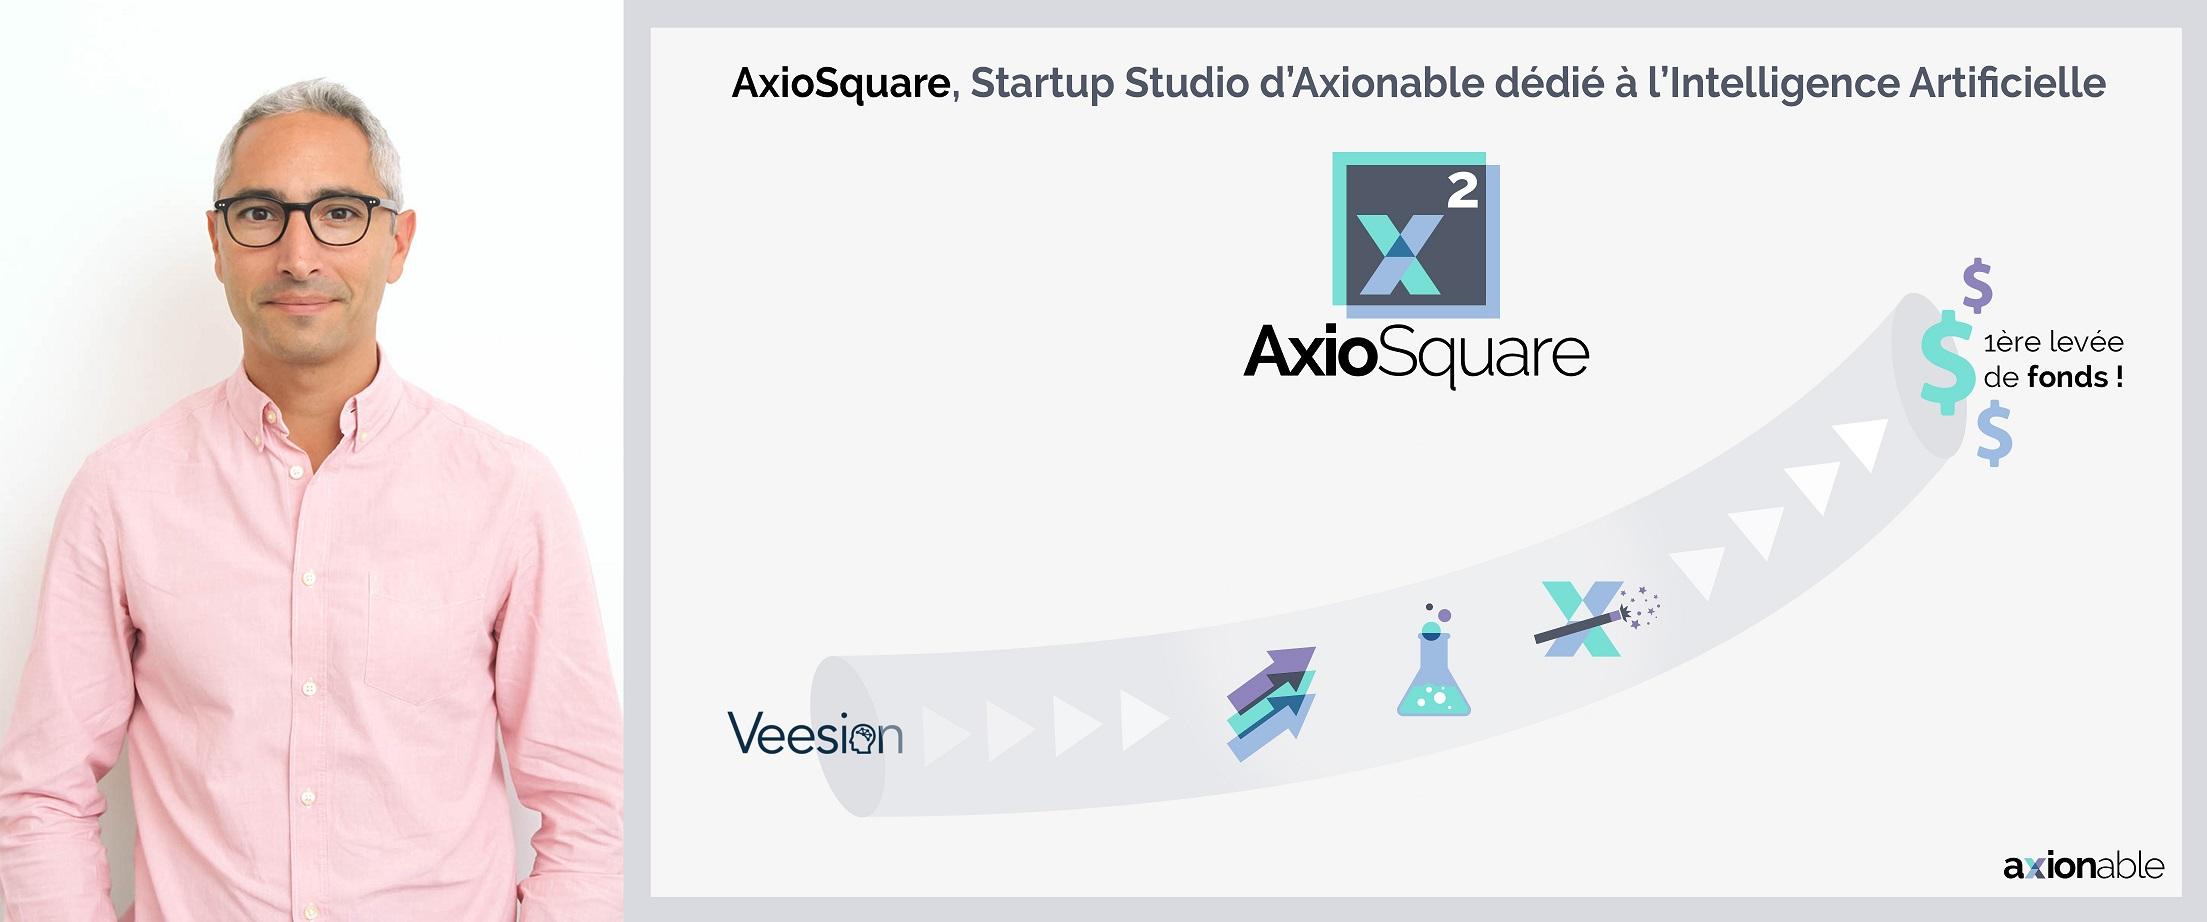 AxioSquare, Startup Studio d'Axionable dédié à l'Intelligence Artificielle